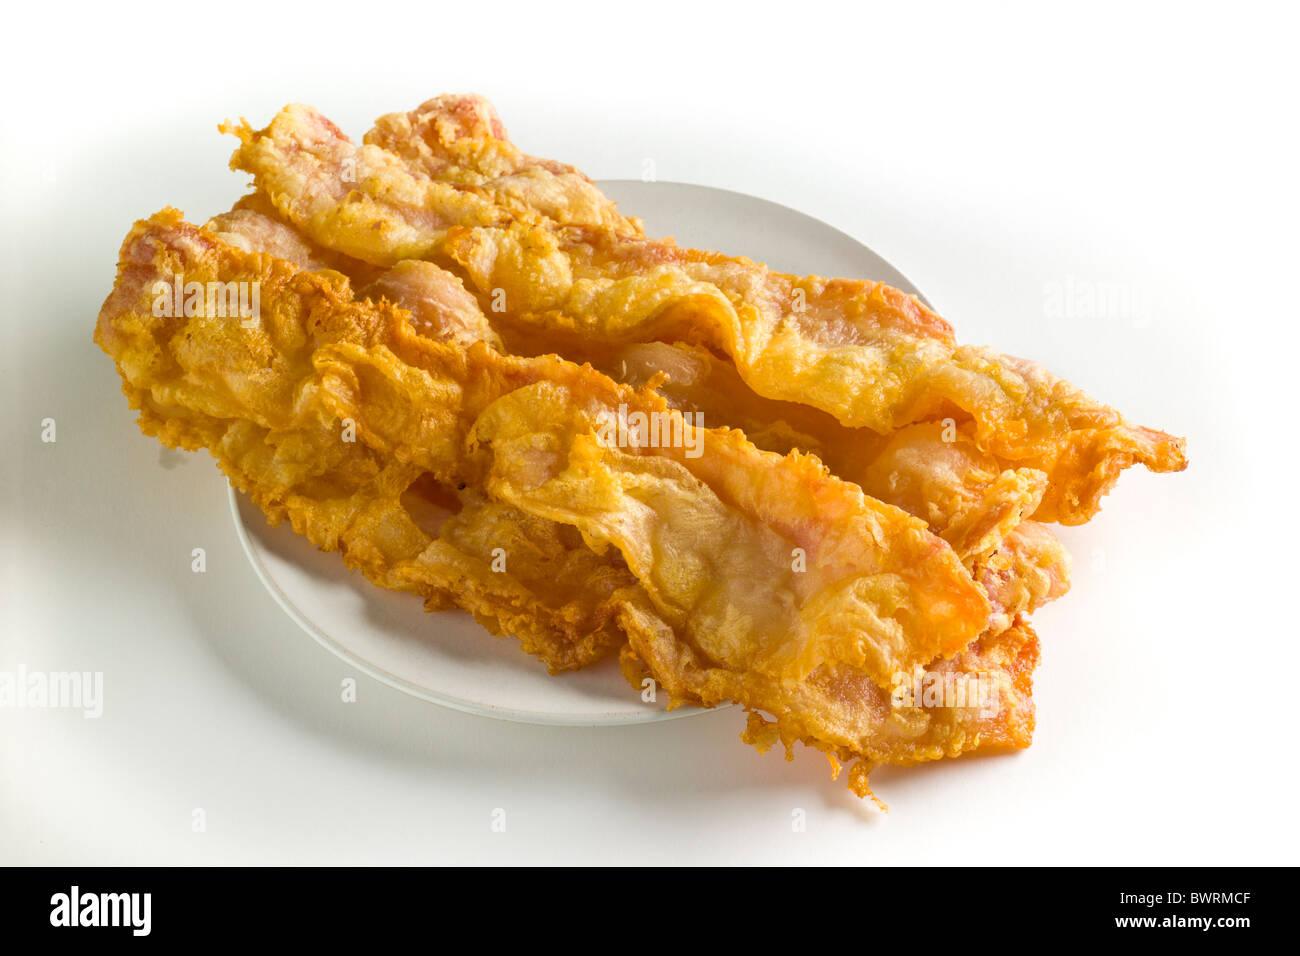 Chicken-Fried - tranches de bacon Bacon trempée dans un mélange de poudre de lait entier et de l'eau, Photo Stock